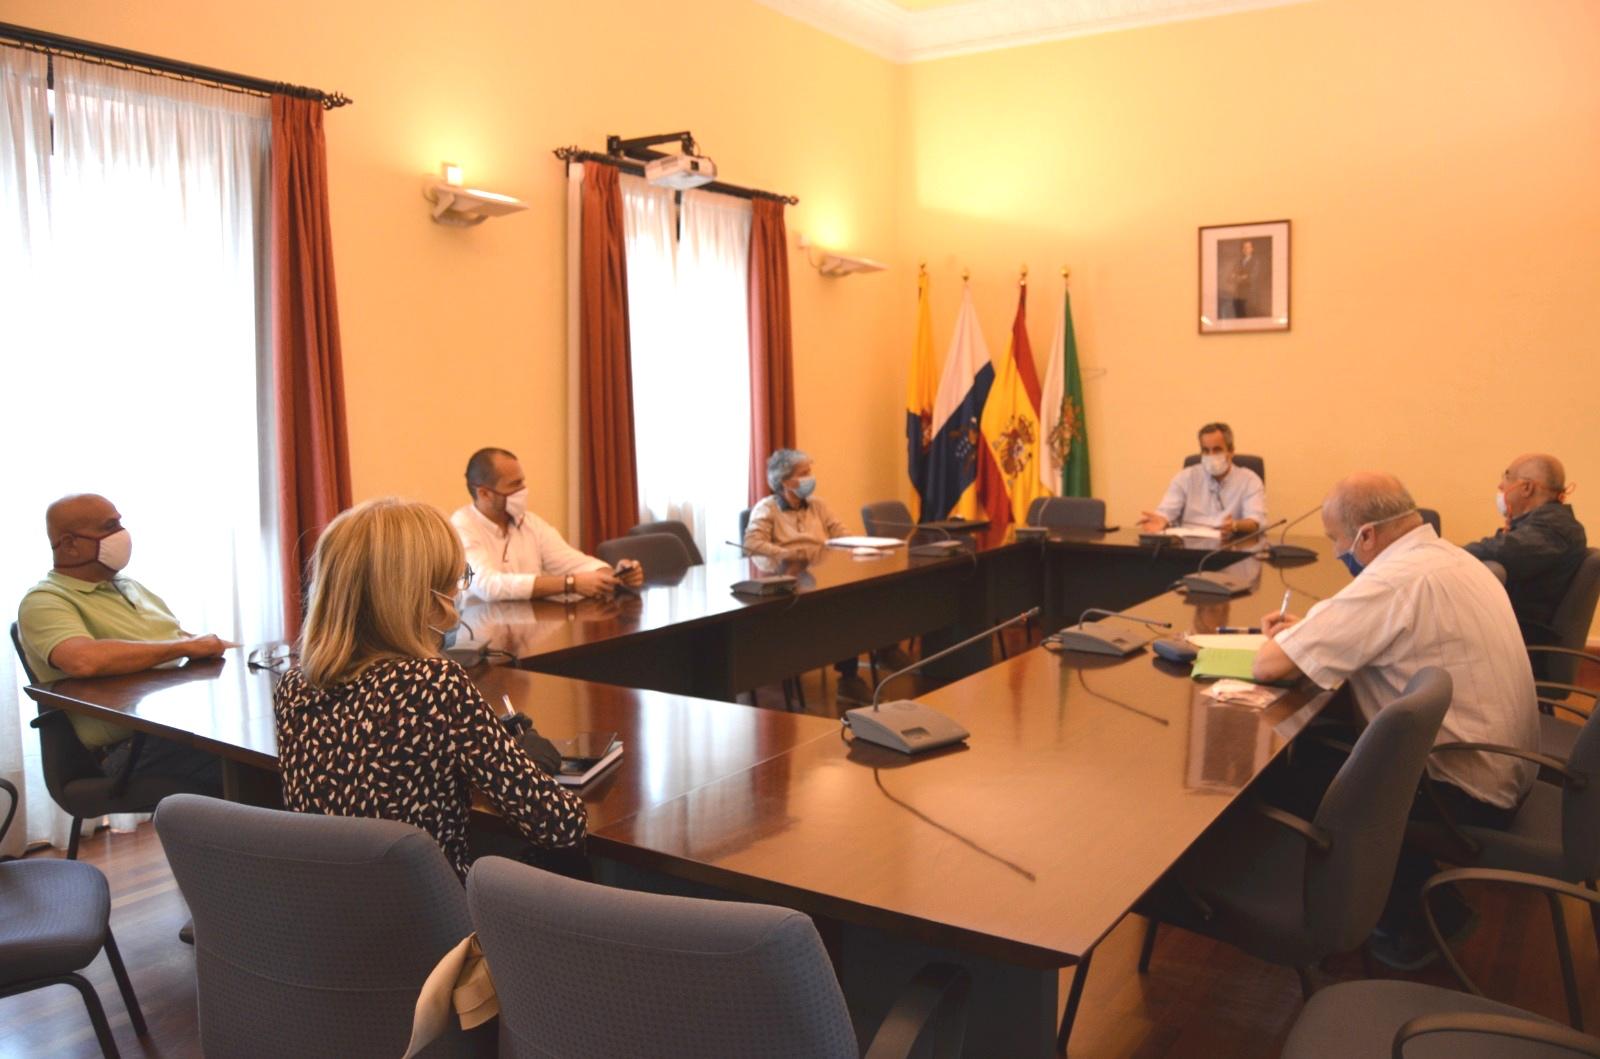 El Ayuntamiento de Santa Brígida elaborará un documento de consenso con medidas sociales y económicas